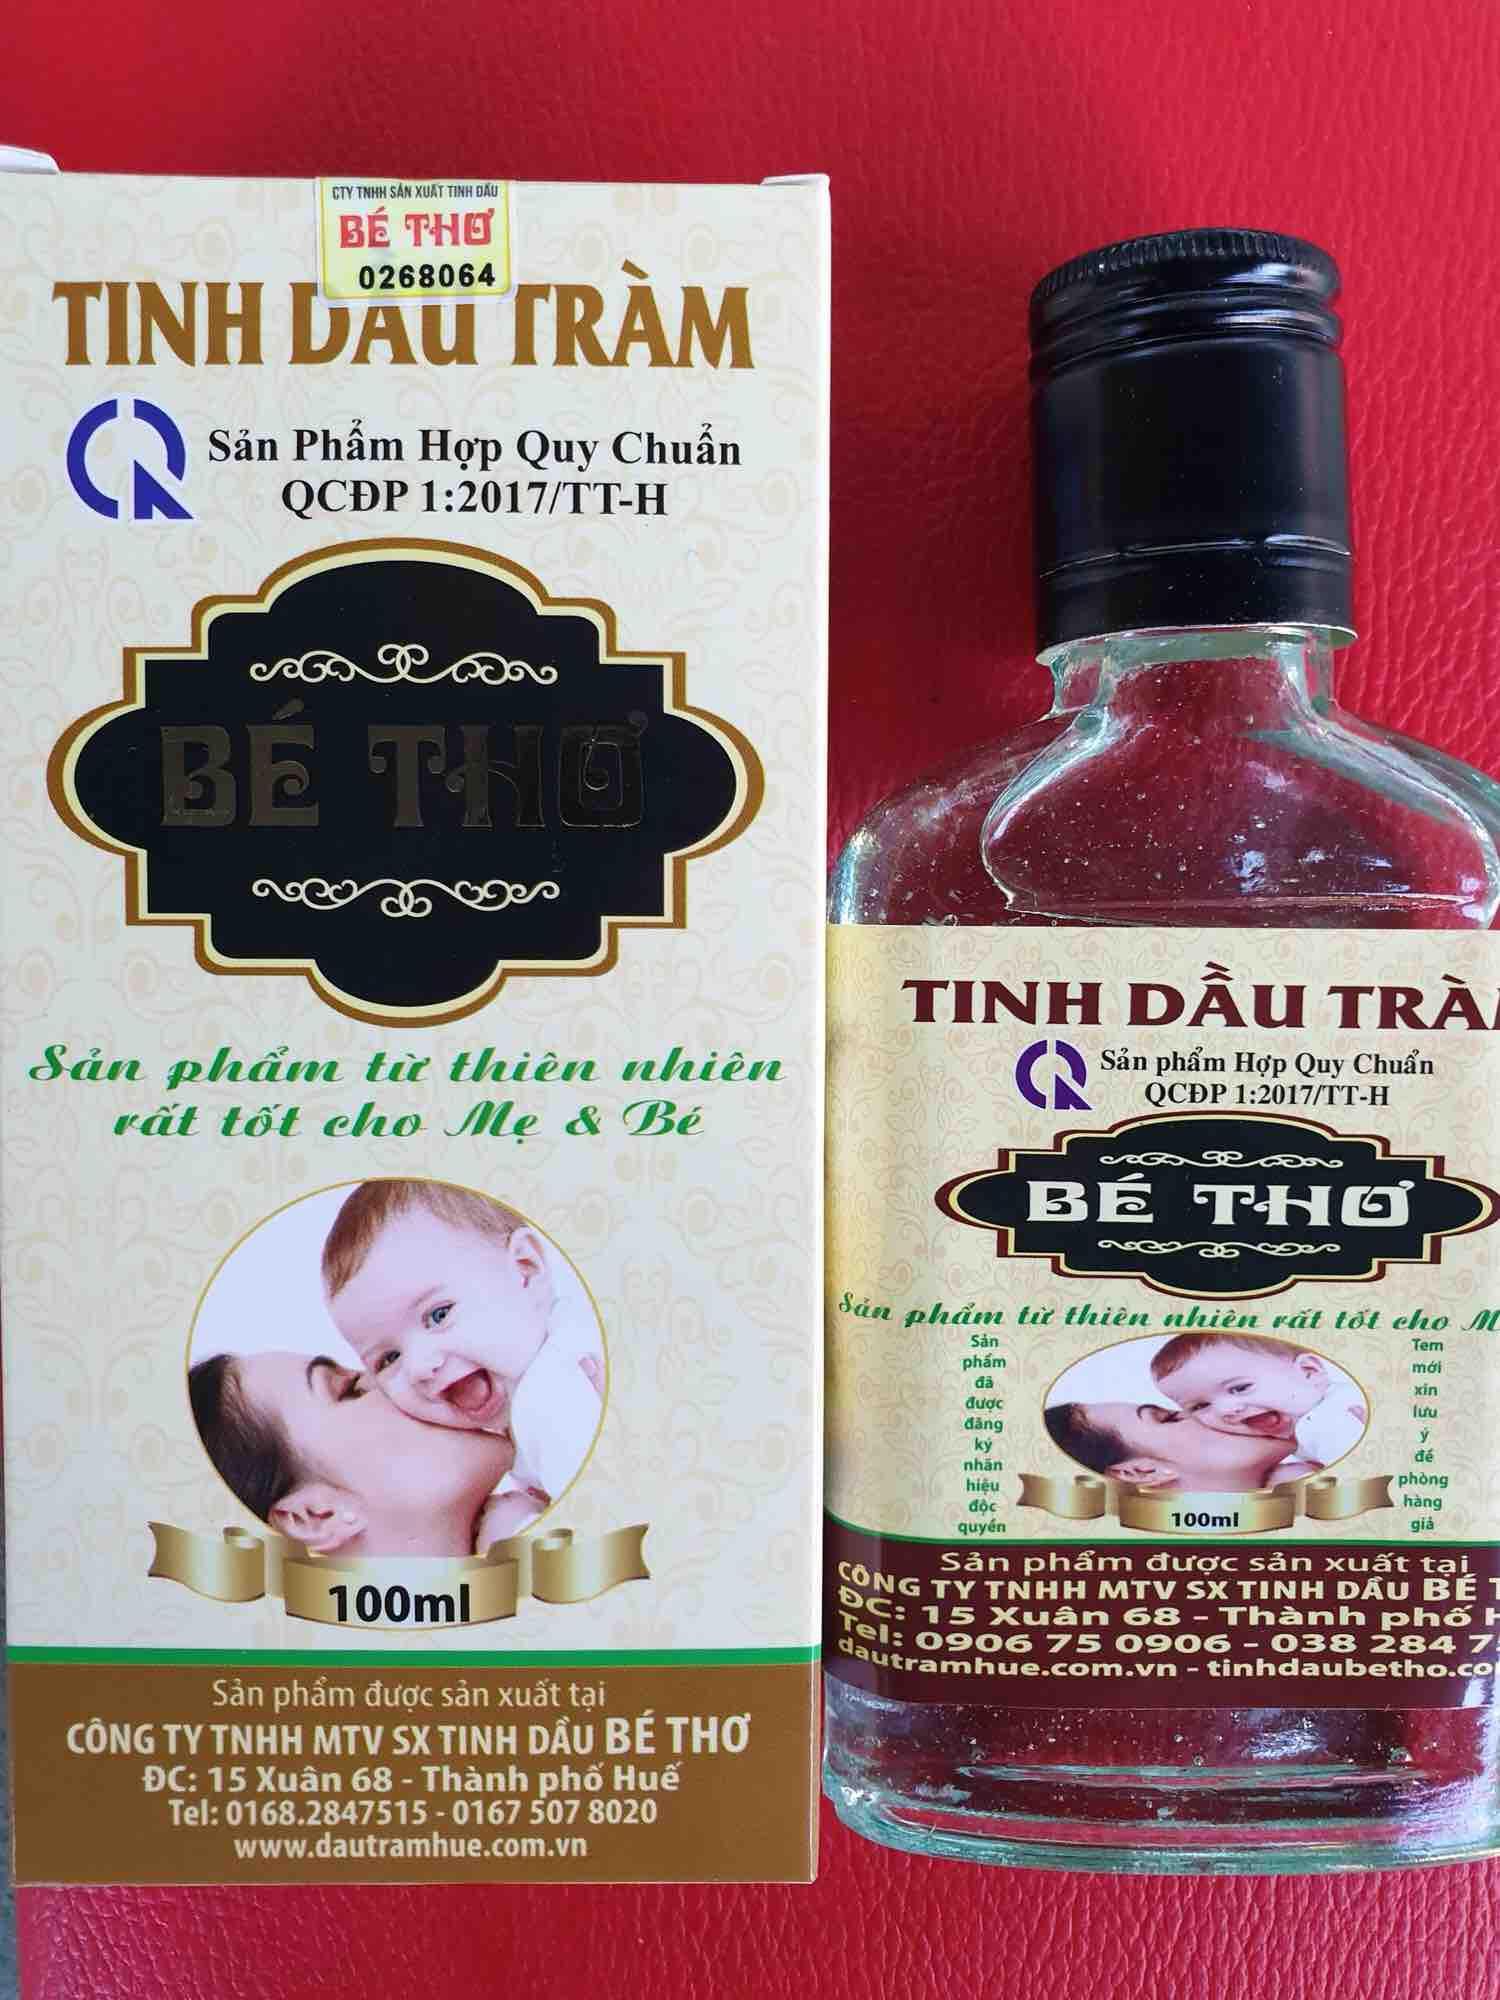 Tinh dầu Tràm Bé Thơ 100ml (có tem chống hàng giả)